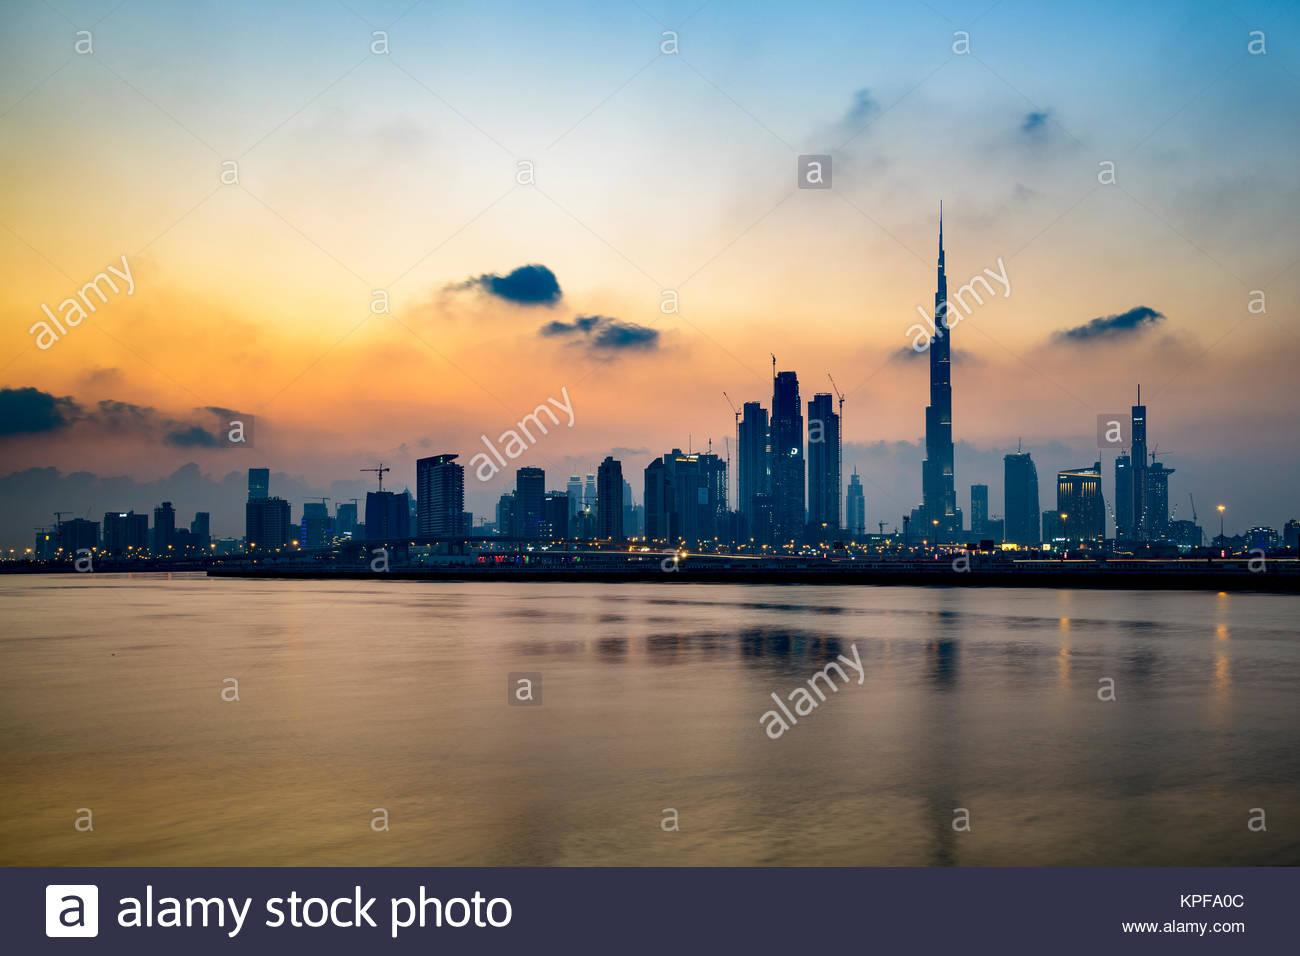 Silueta de Dubai durante un bonito atardecer en la ciudad, vista desde la acequia, Ras Al Khor. Emiratos Arabes Imagen De Stock